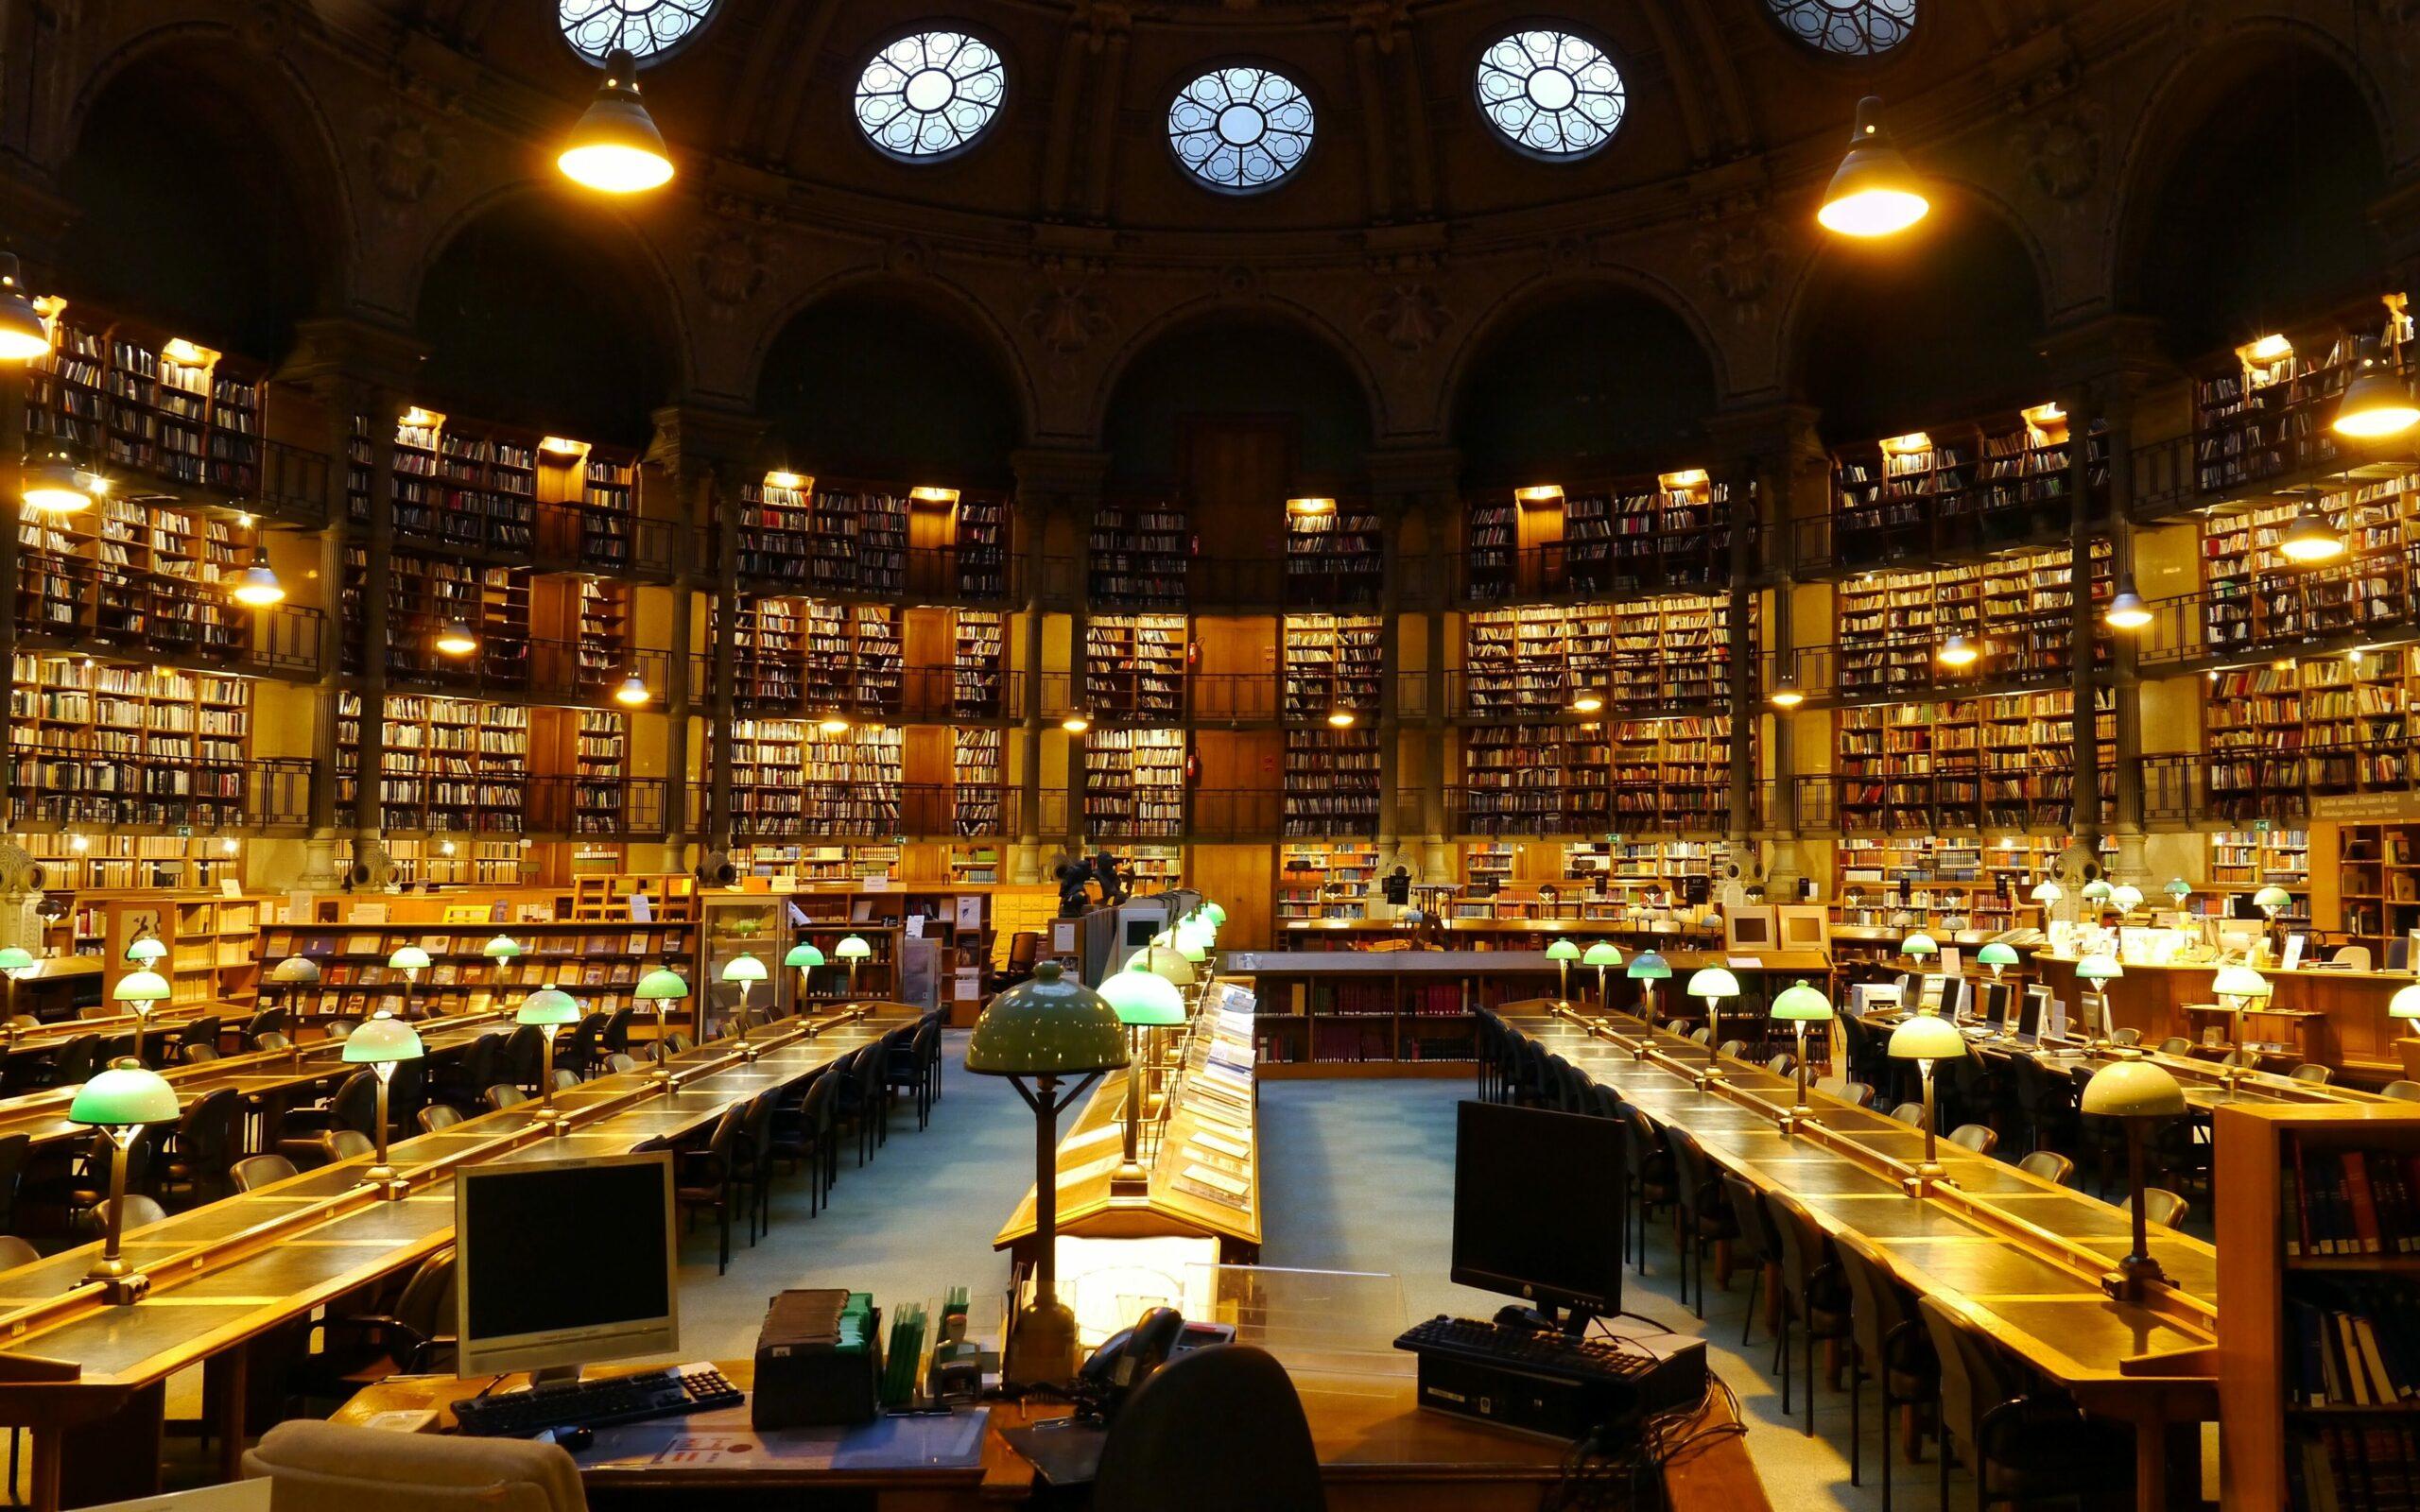 Salle Ovale de la bibliothèque de l'INHA à Paris - Les bibliothèques parisiennes : comment s'y retrouver ?